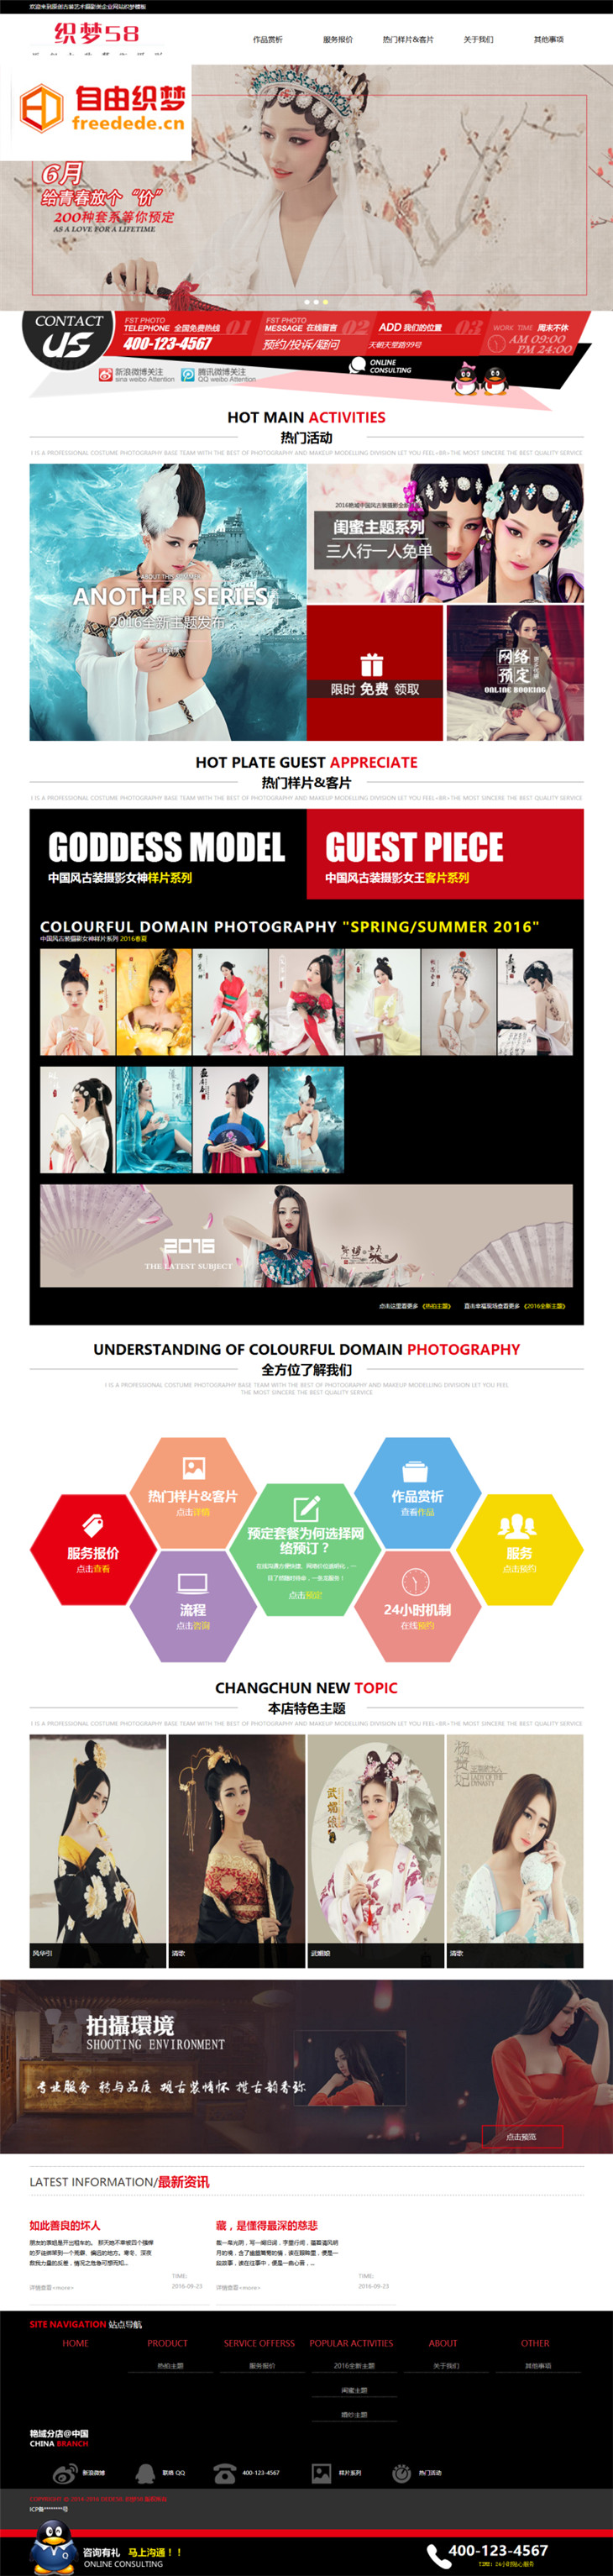 爱上源码网文章营销型原创古装艺术摄影类企业网站织梦模板整站源码下载的内容插图